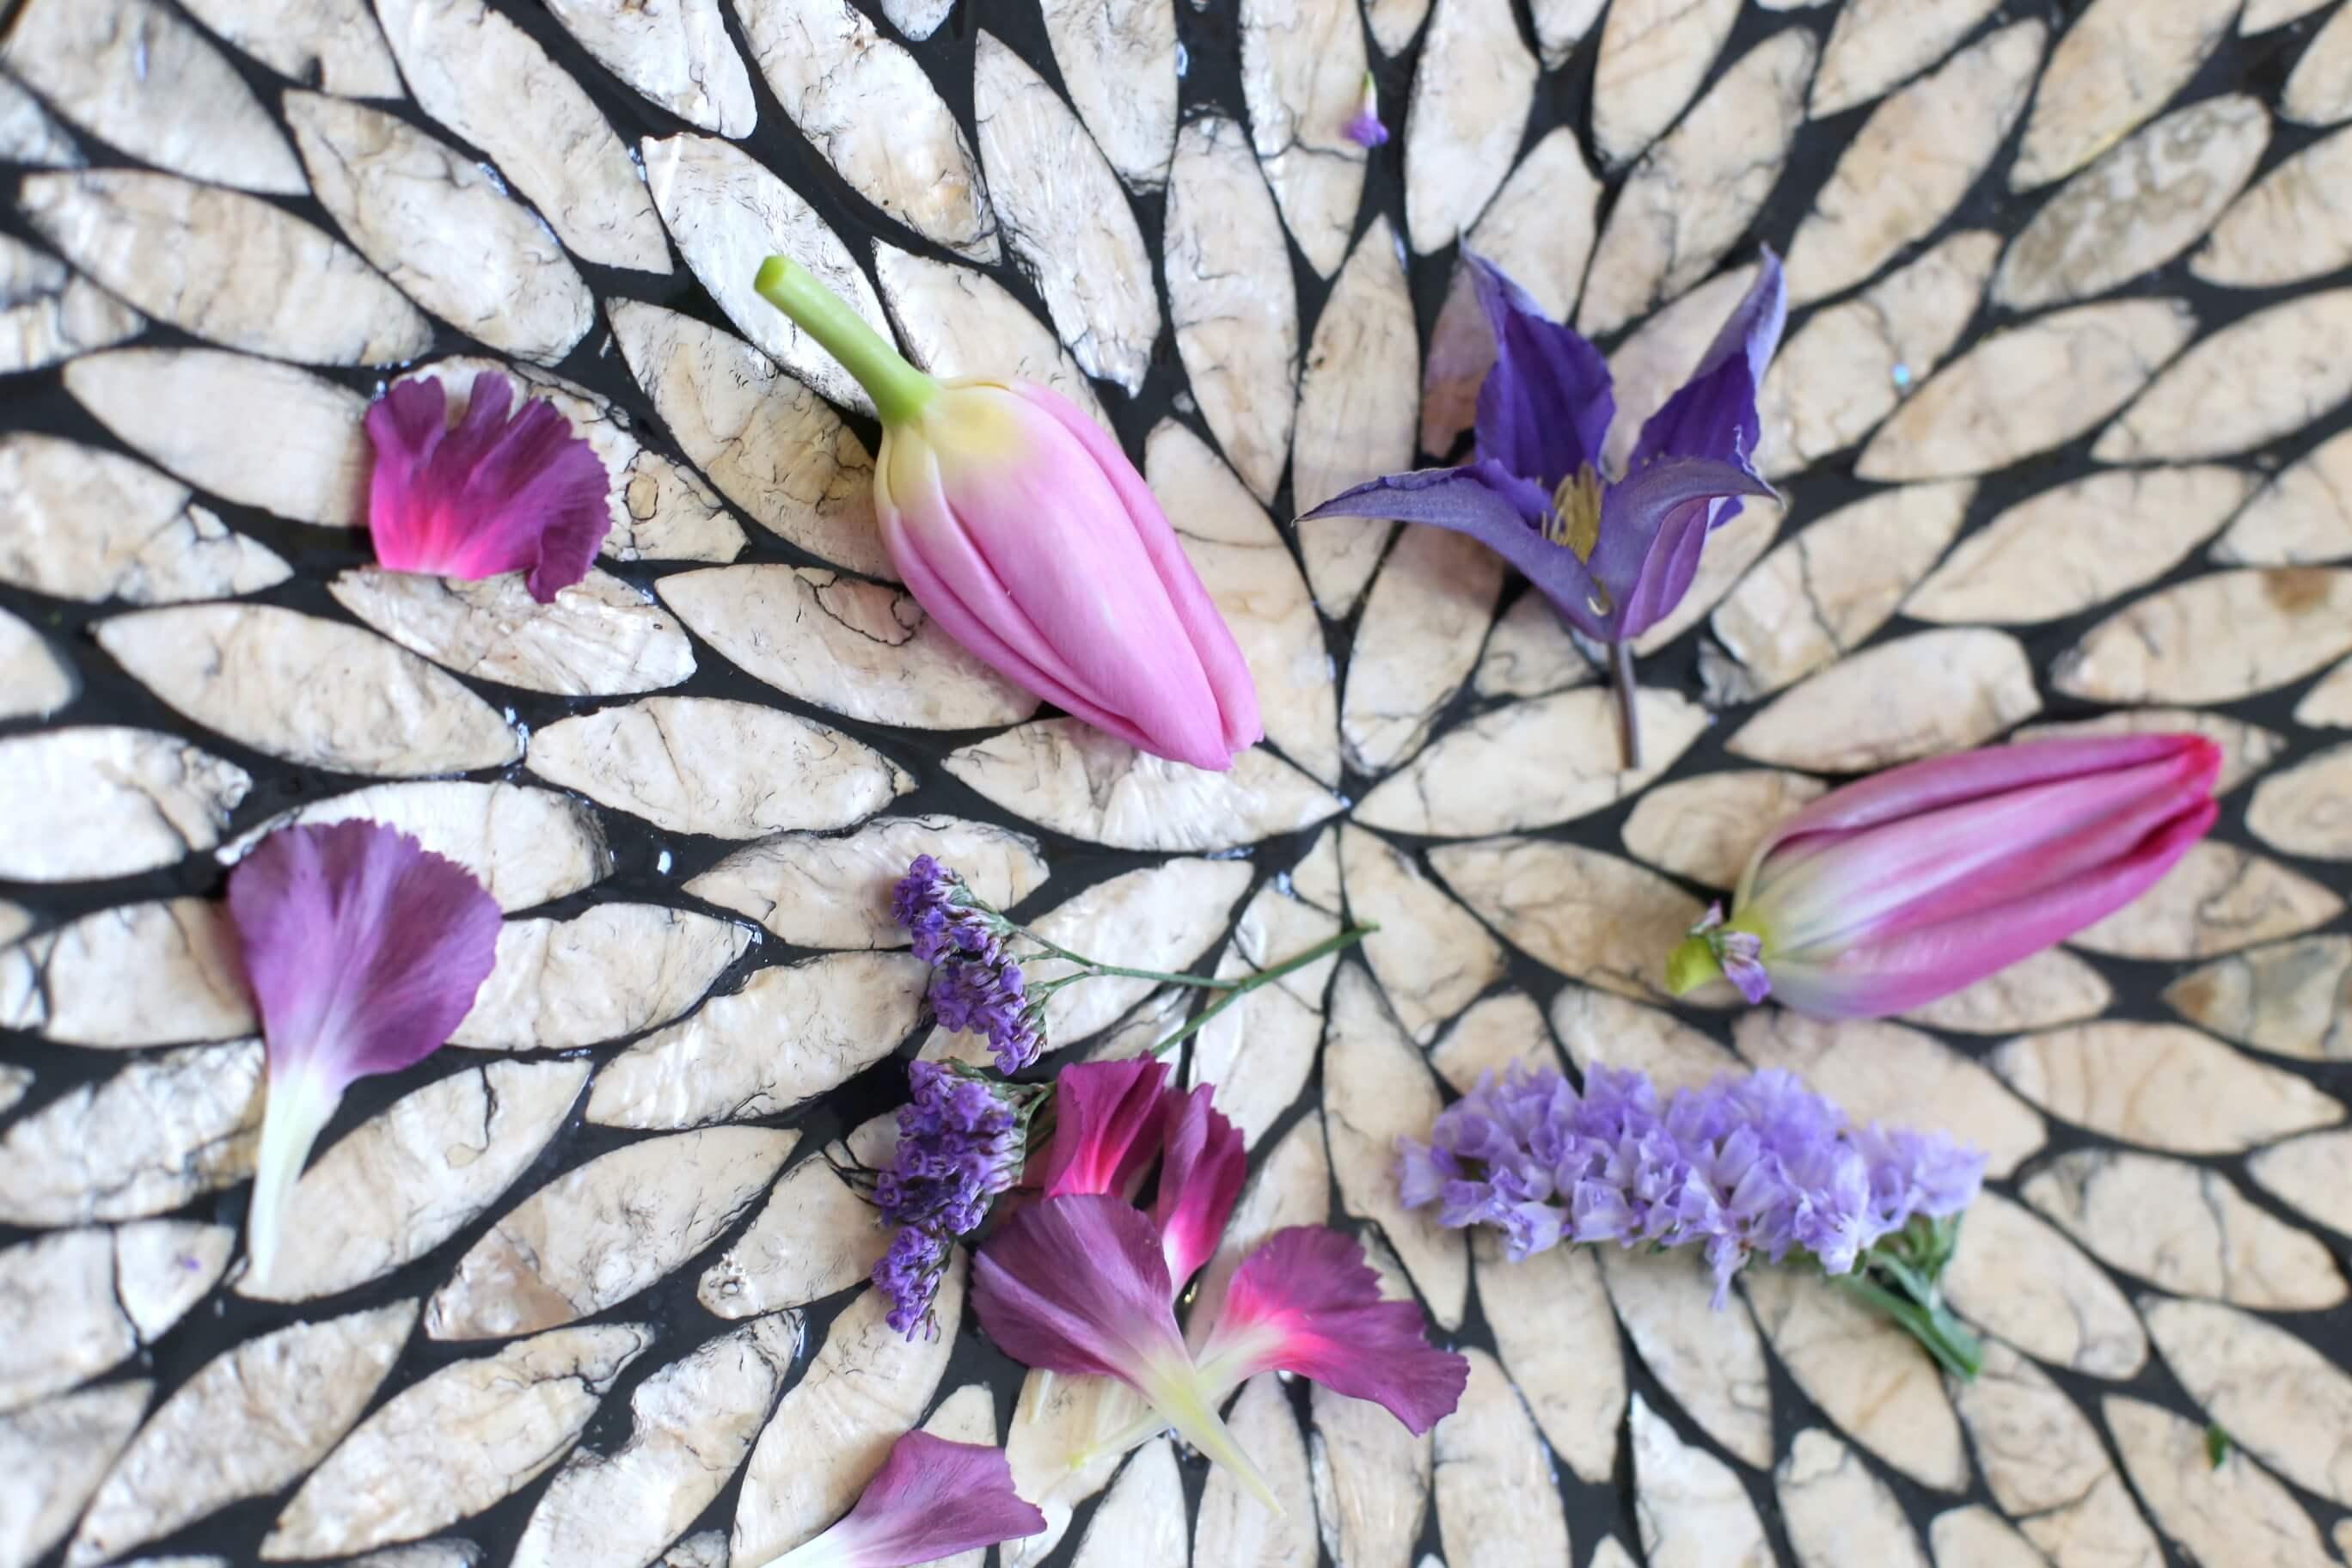 Lilat ja pinkit tulppaanit ovat kotimaisia. Niistä on sidottu tiivis kimppu, jossa on lisäksi ikiviuhkoa ja kärhöä. Kimppu kestää kivasti ja tulppaanit vain kasvavat nätisti ulos kimpusta.